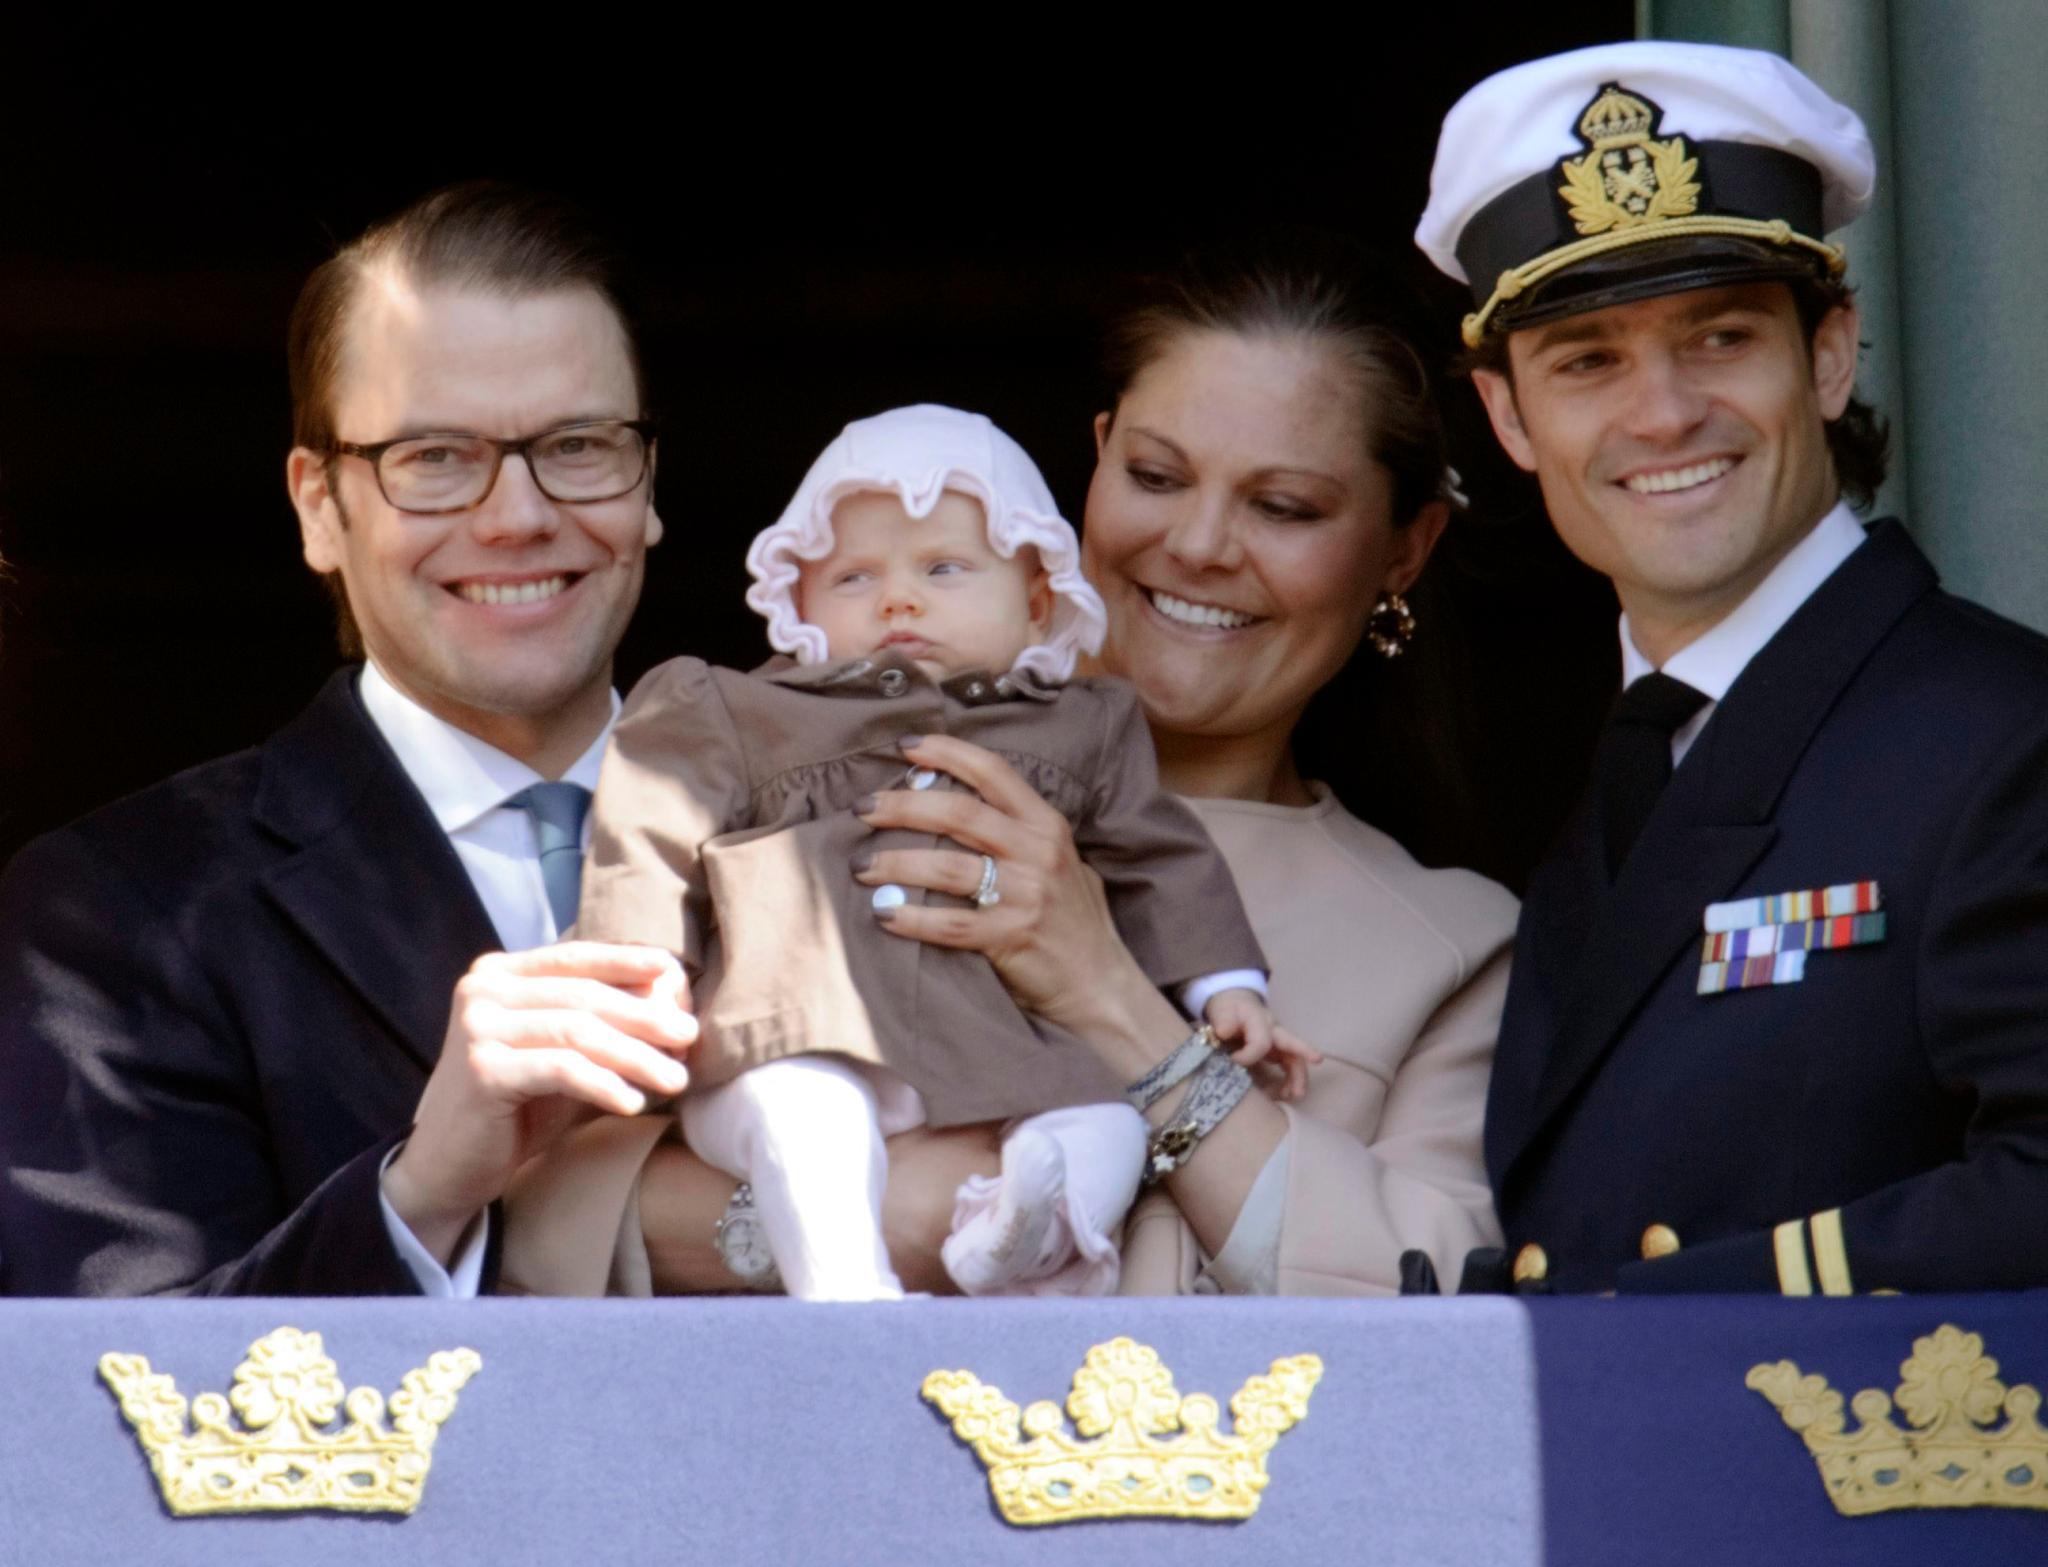 Beim Winken vom Balkon braucht Estelle bei ihrem ersten großen Auftritt im April noch ein wenig Unterstützung von Papa Daniel.